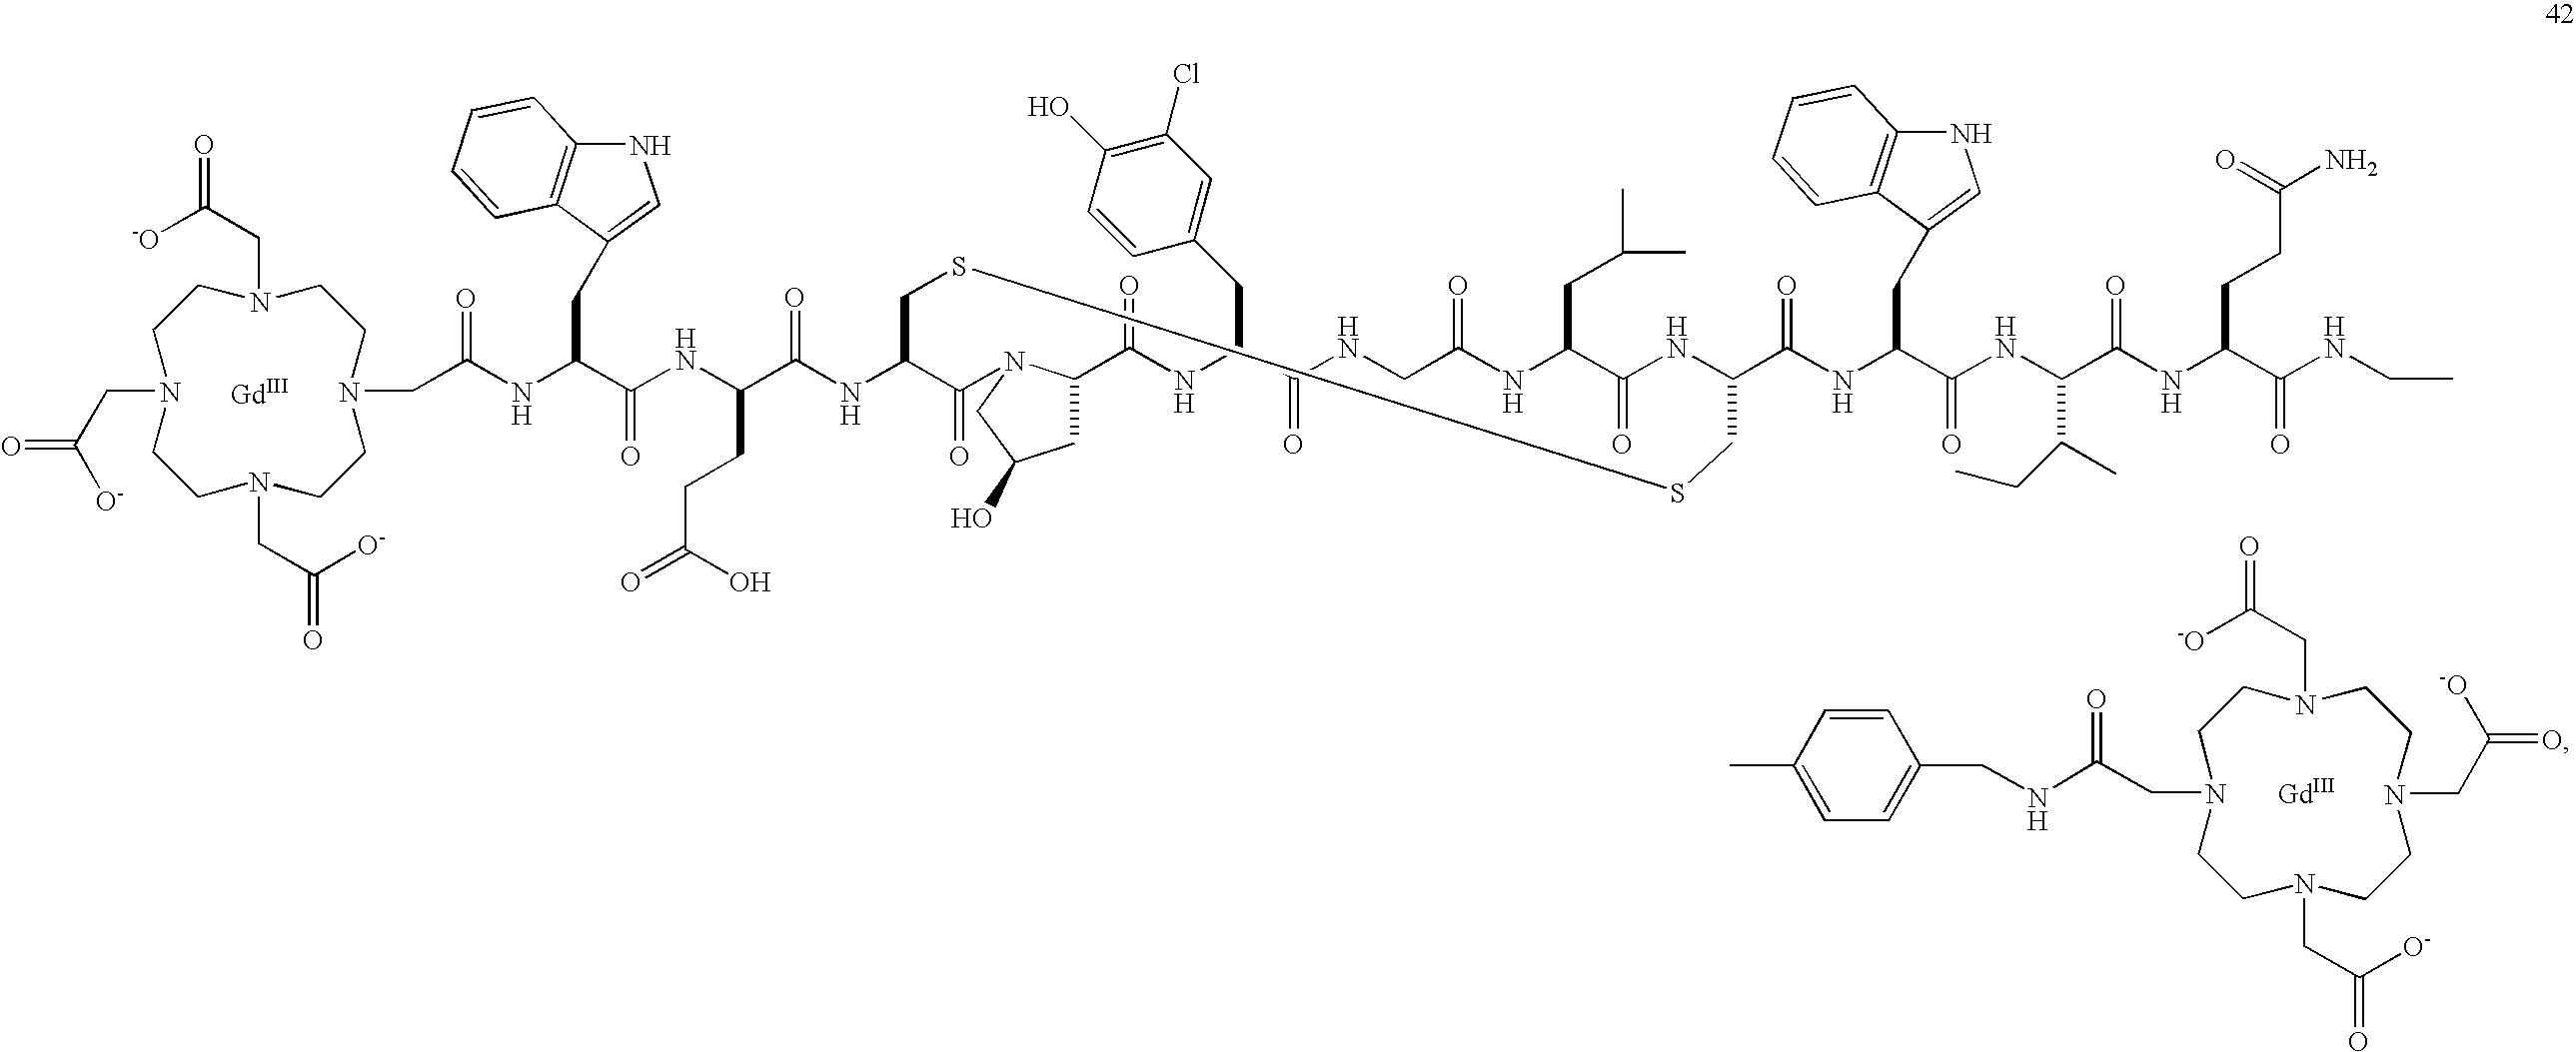 Figure US20030180222A1-20030925-C00097